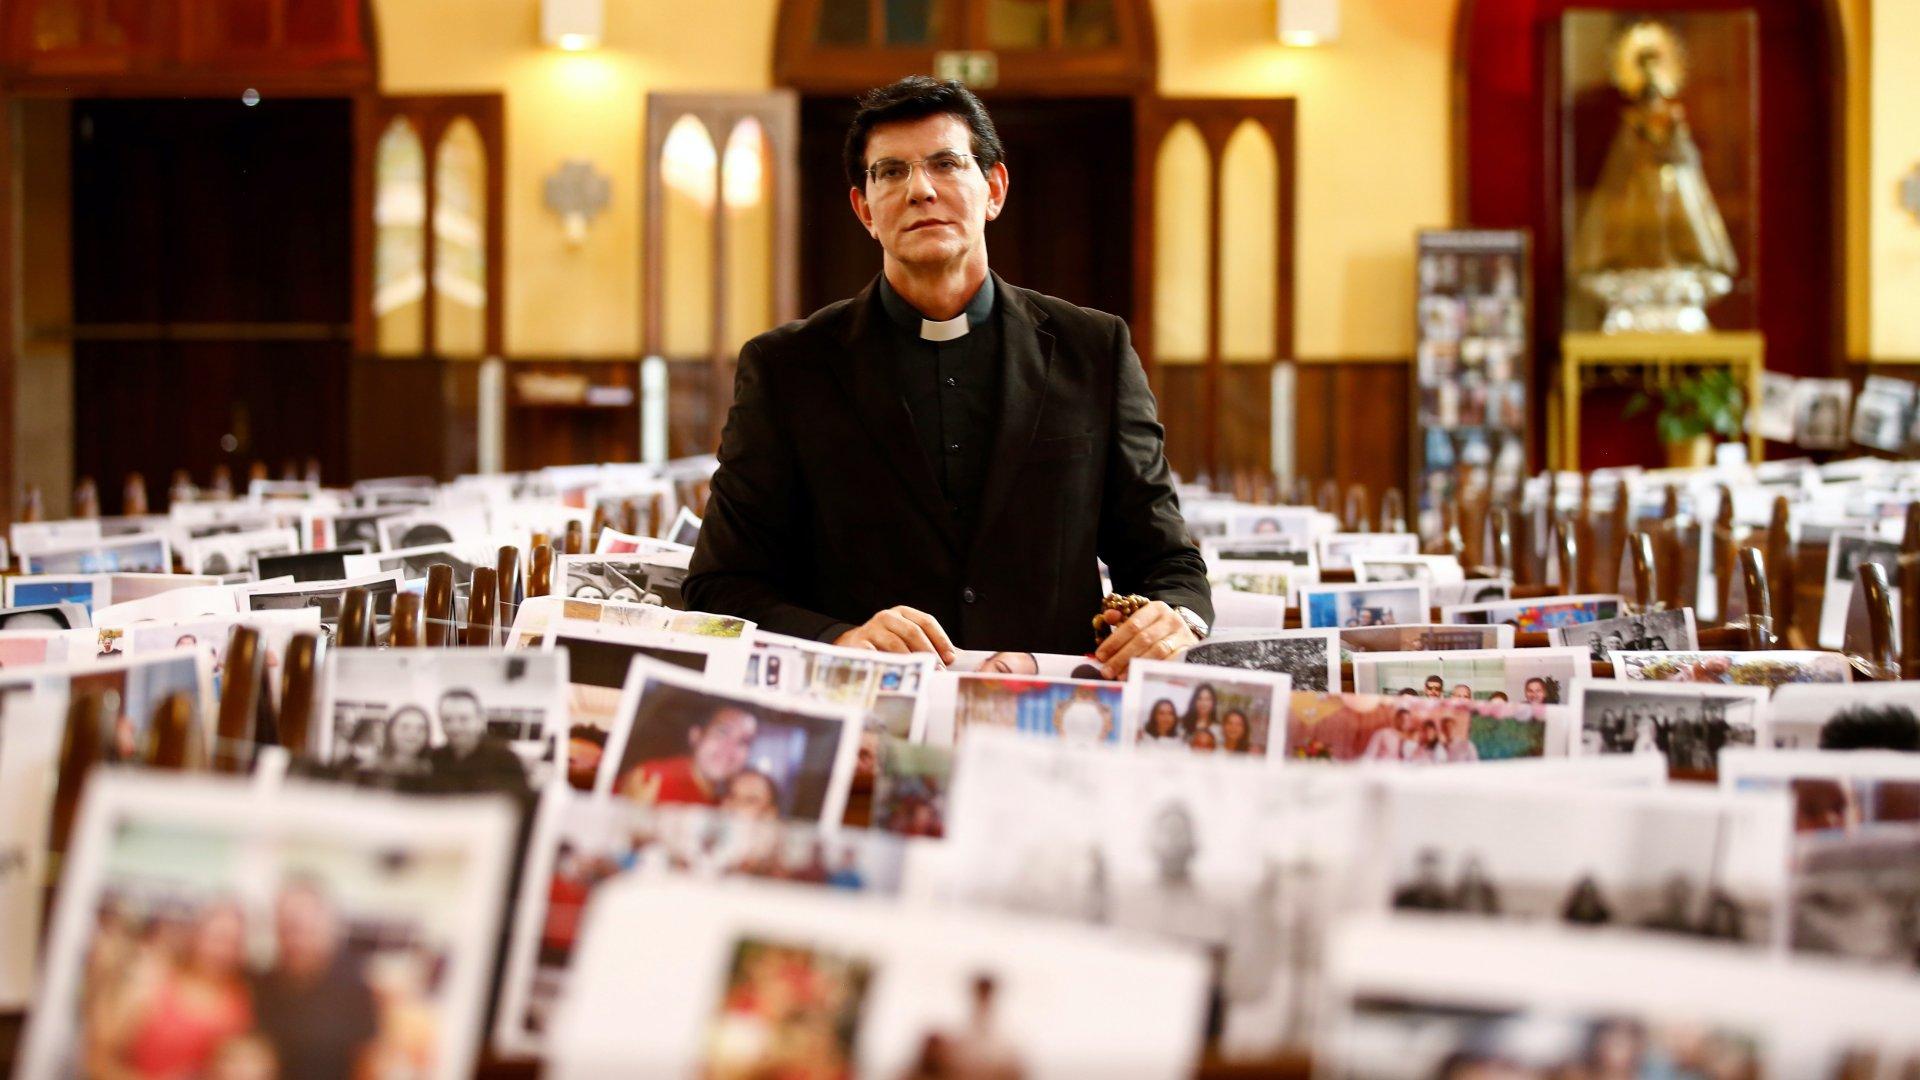 Reinaldo Manzotti brazil pap misét tart a hívek fotóival borított templomi padsorok között a brazíliai Paraná állam fővárosában, Curitibában 2020. március 21-én (Fotó: MTI/EPA-EFE/Hedeson Alves)